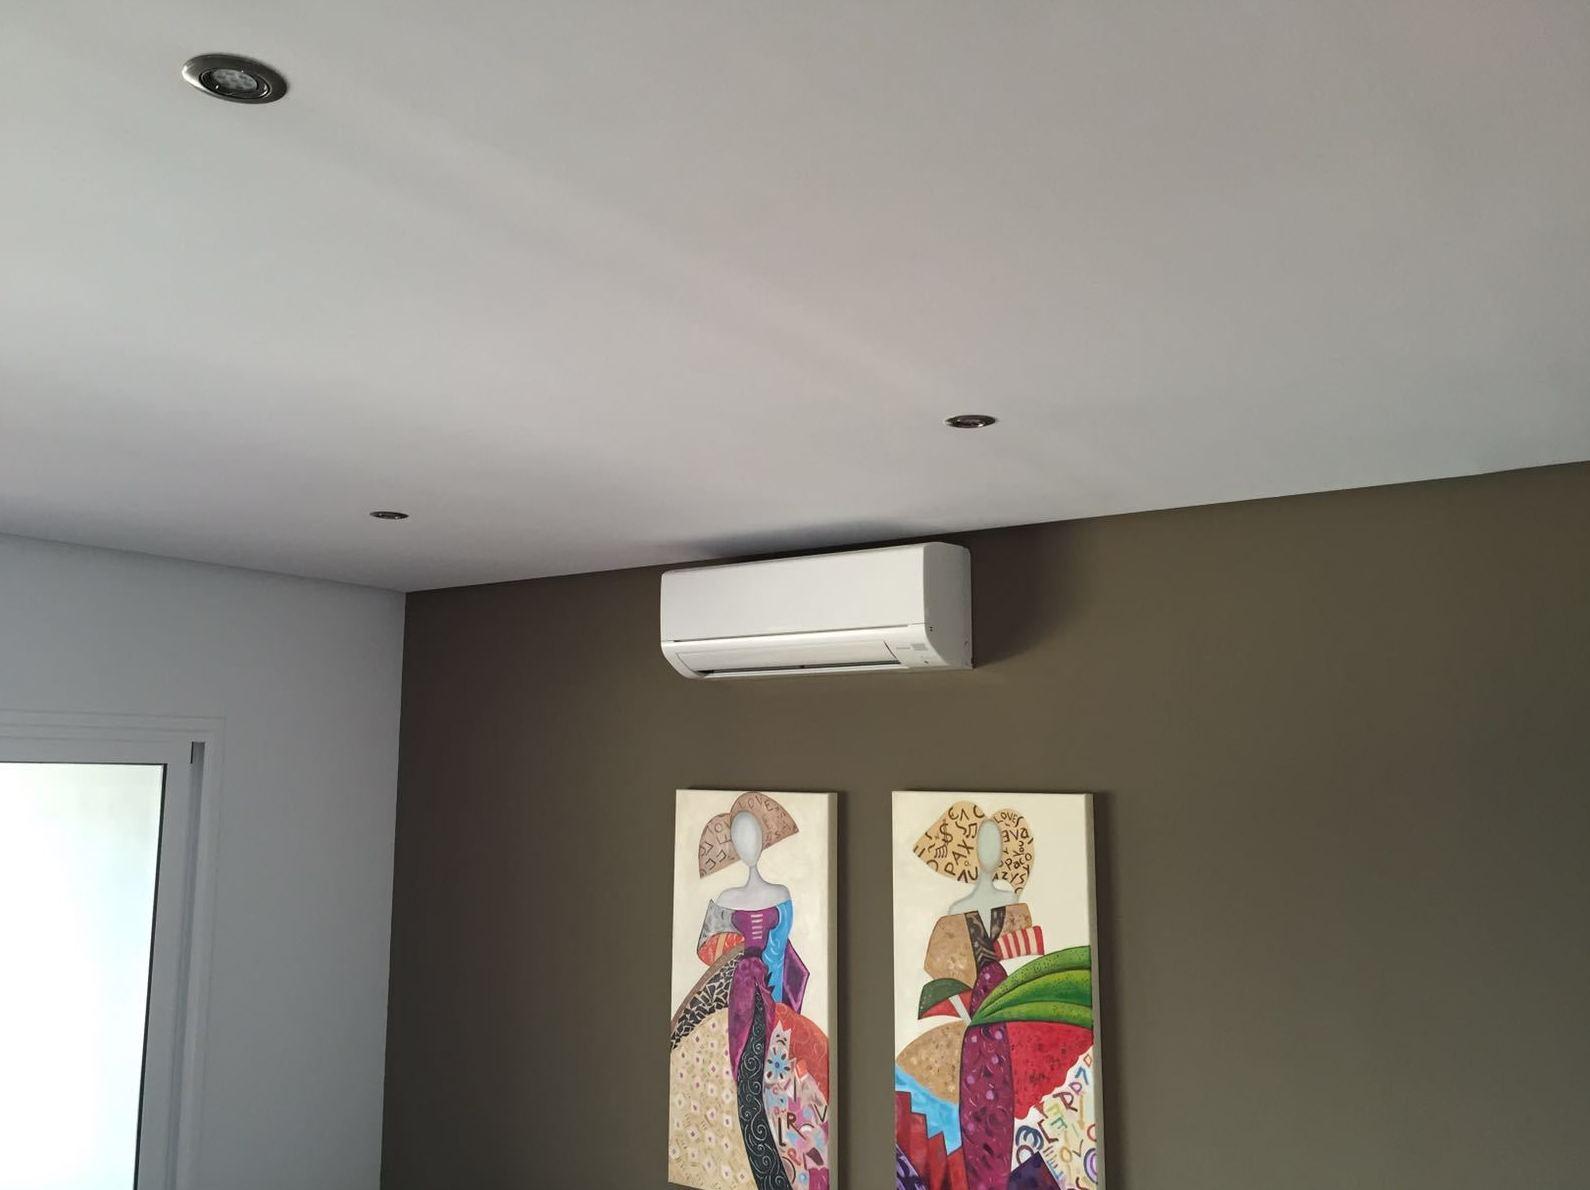 Instalación y matenimiento de aire acondicionado